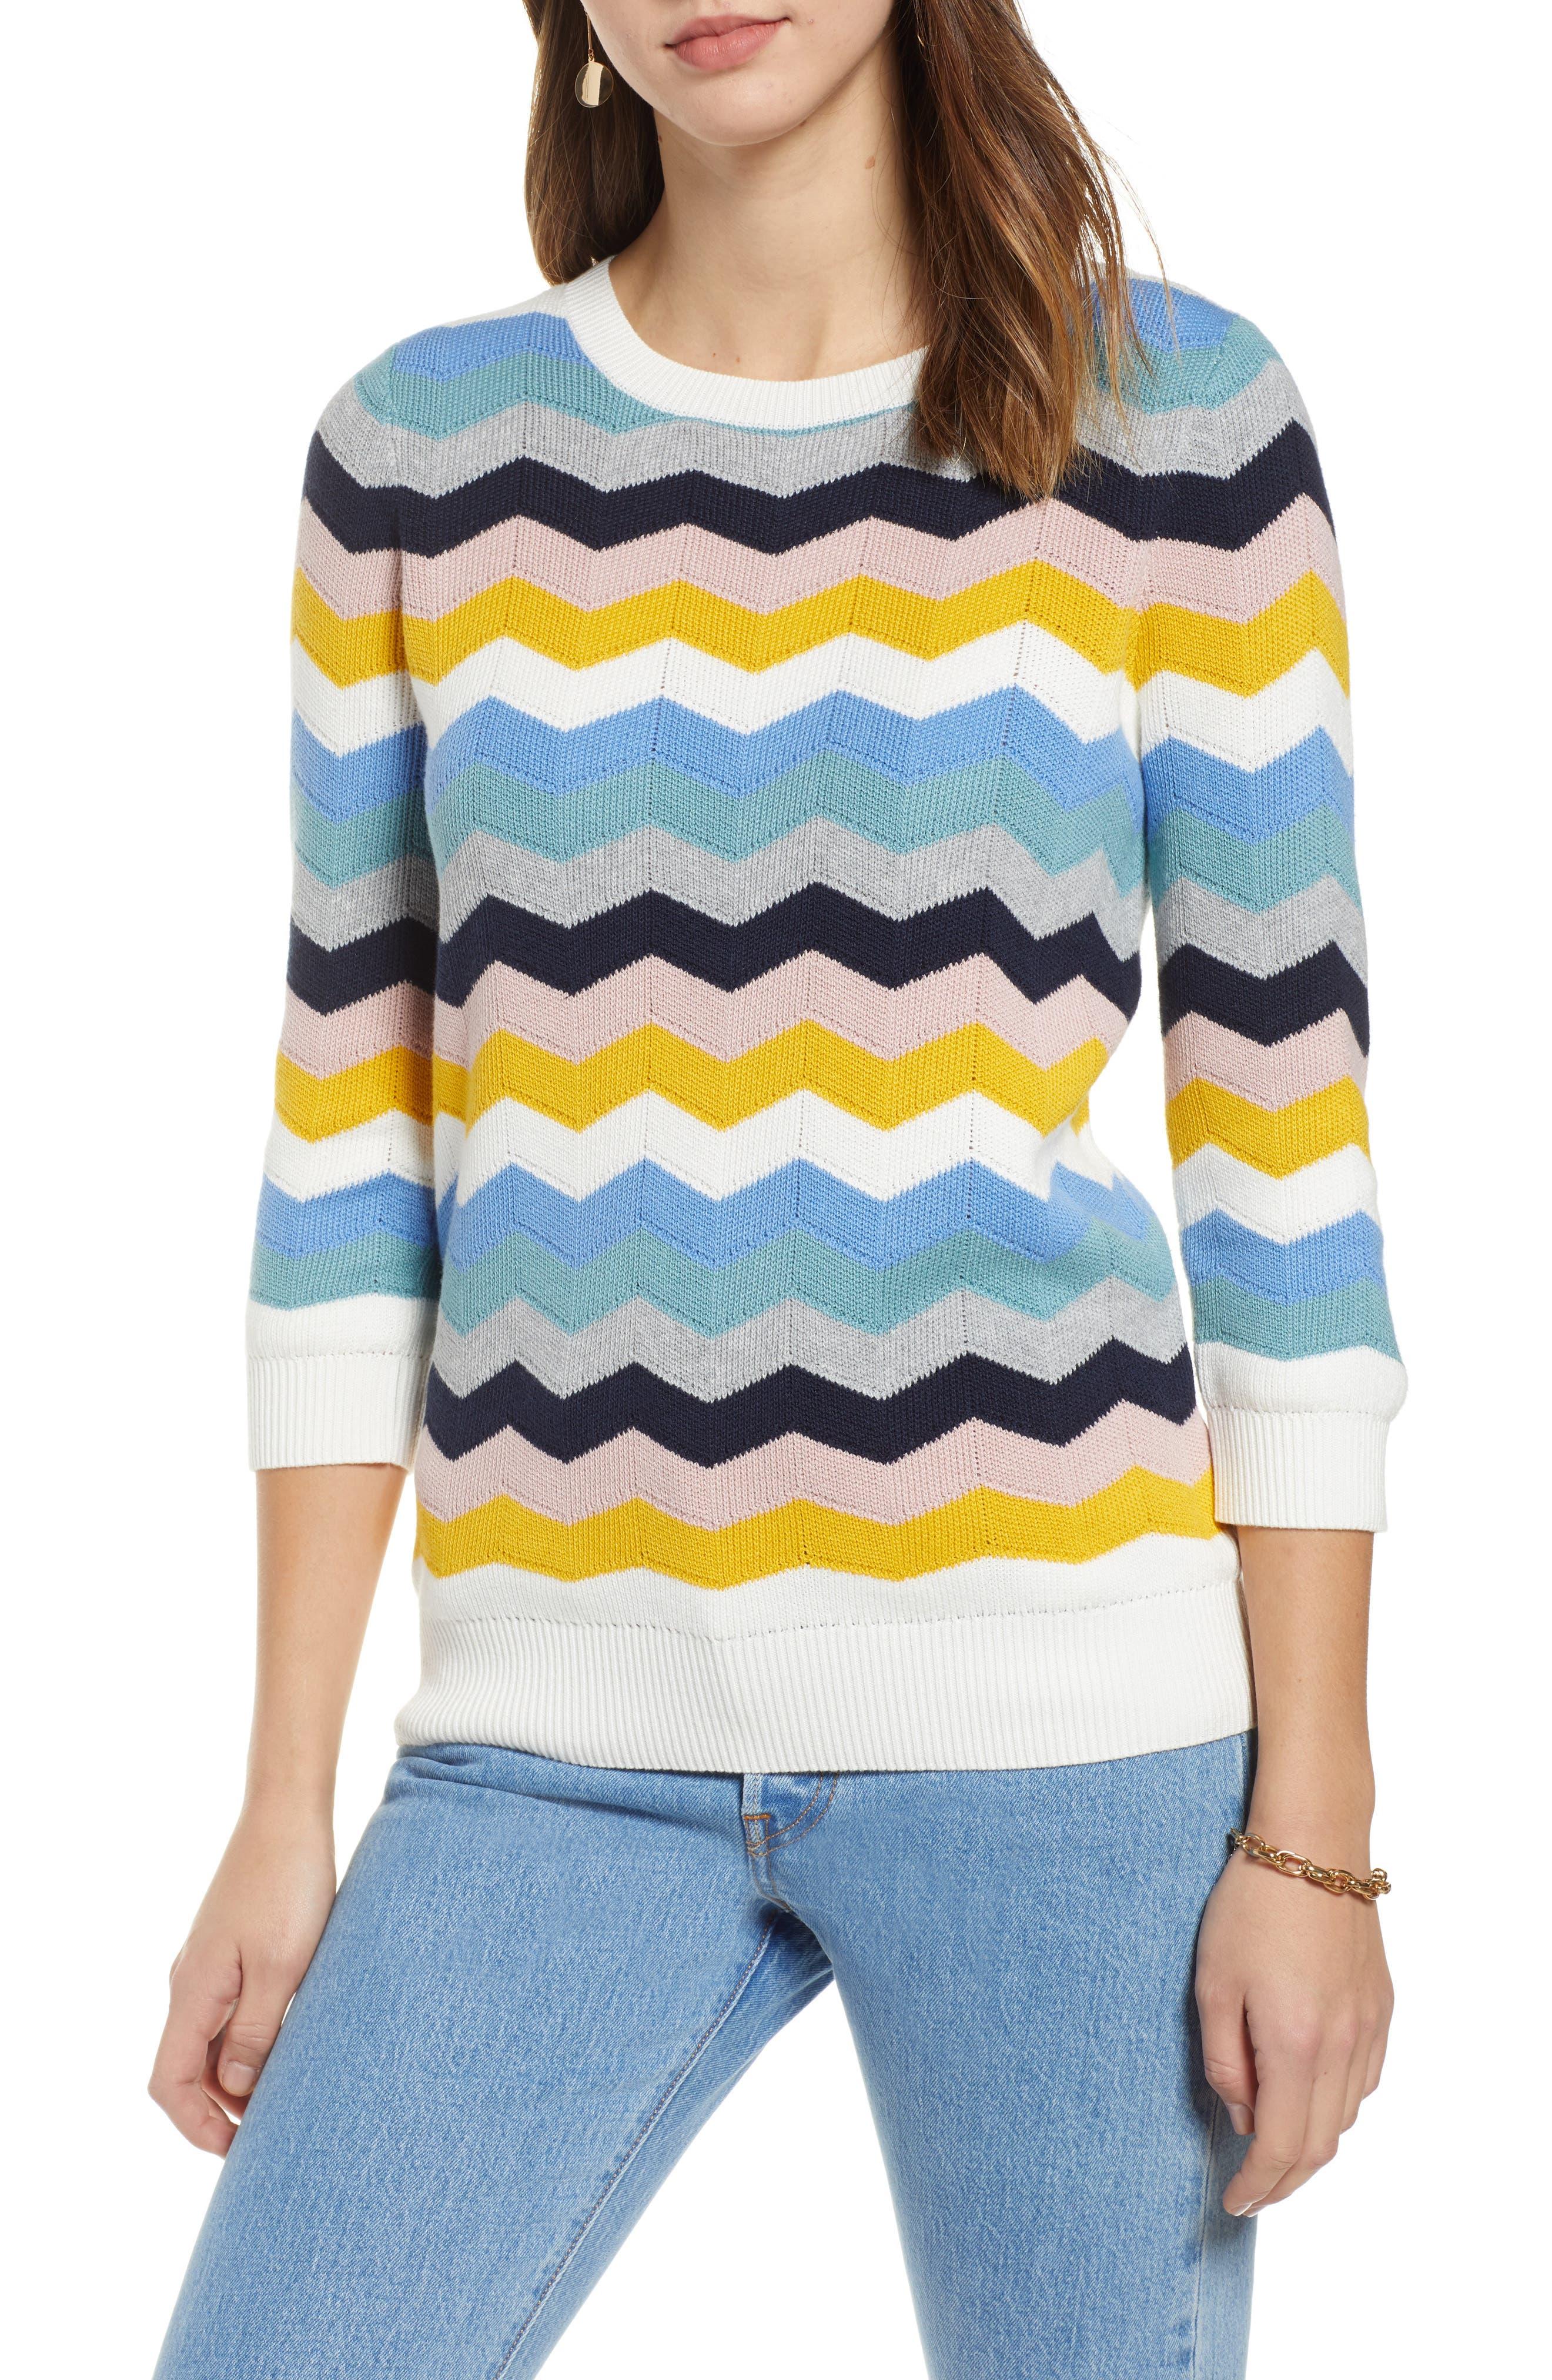 1901 Chevron Jacquard Sweater, Main, color, BLUE MULTI CHEVRON PATTERN